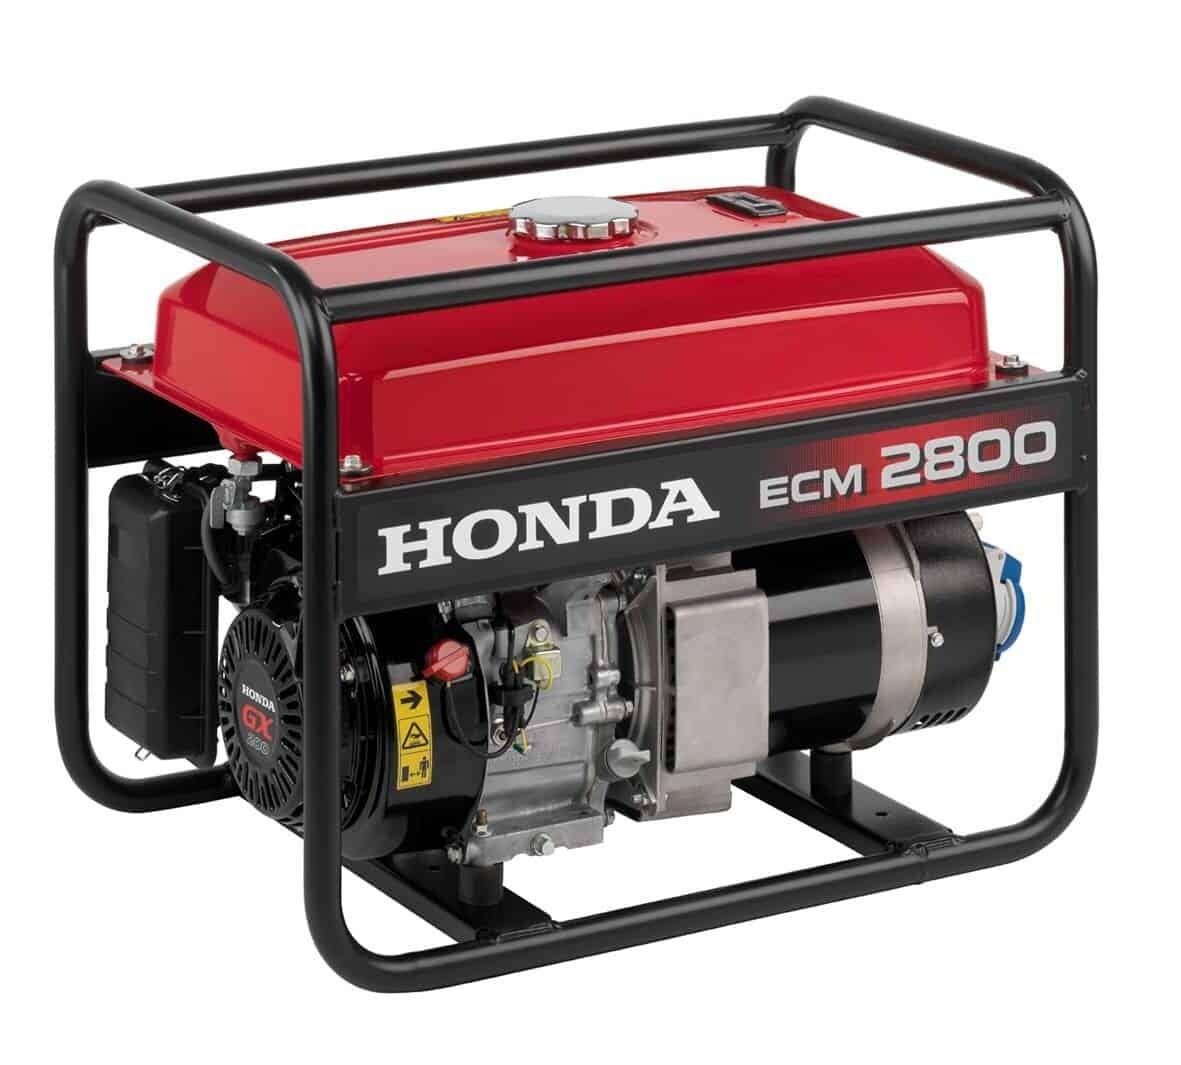 Honda ECM2800-generaattori